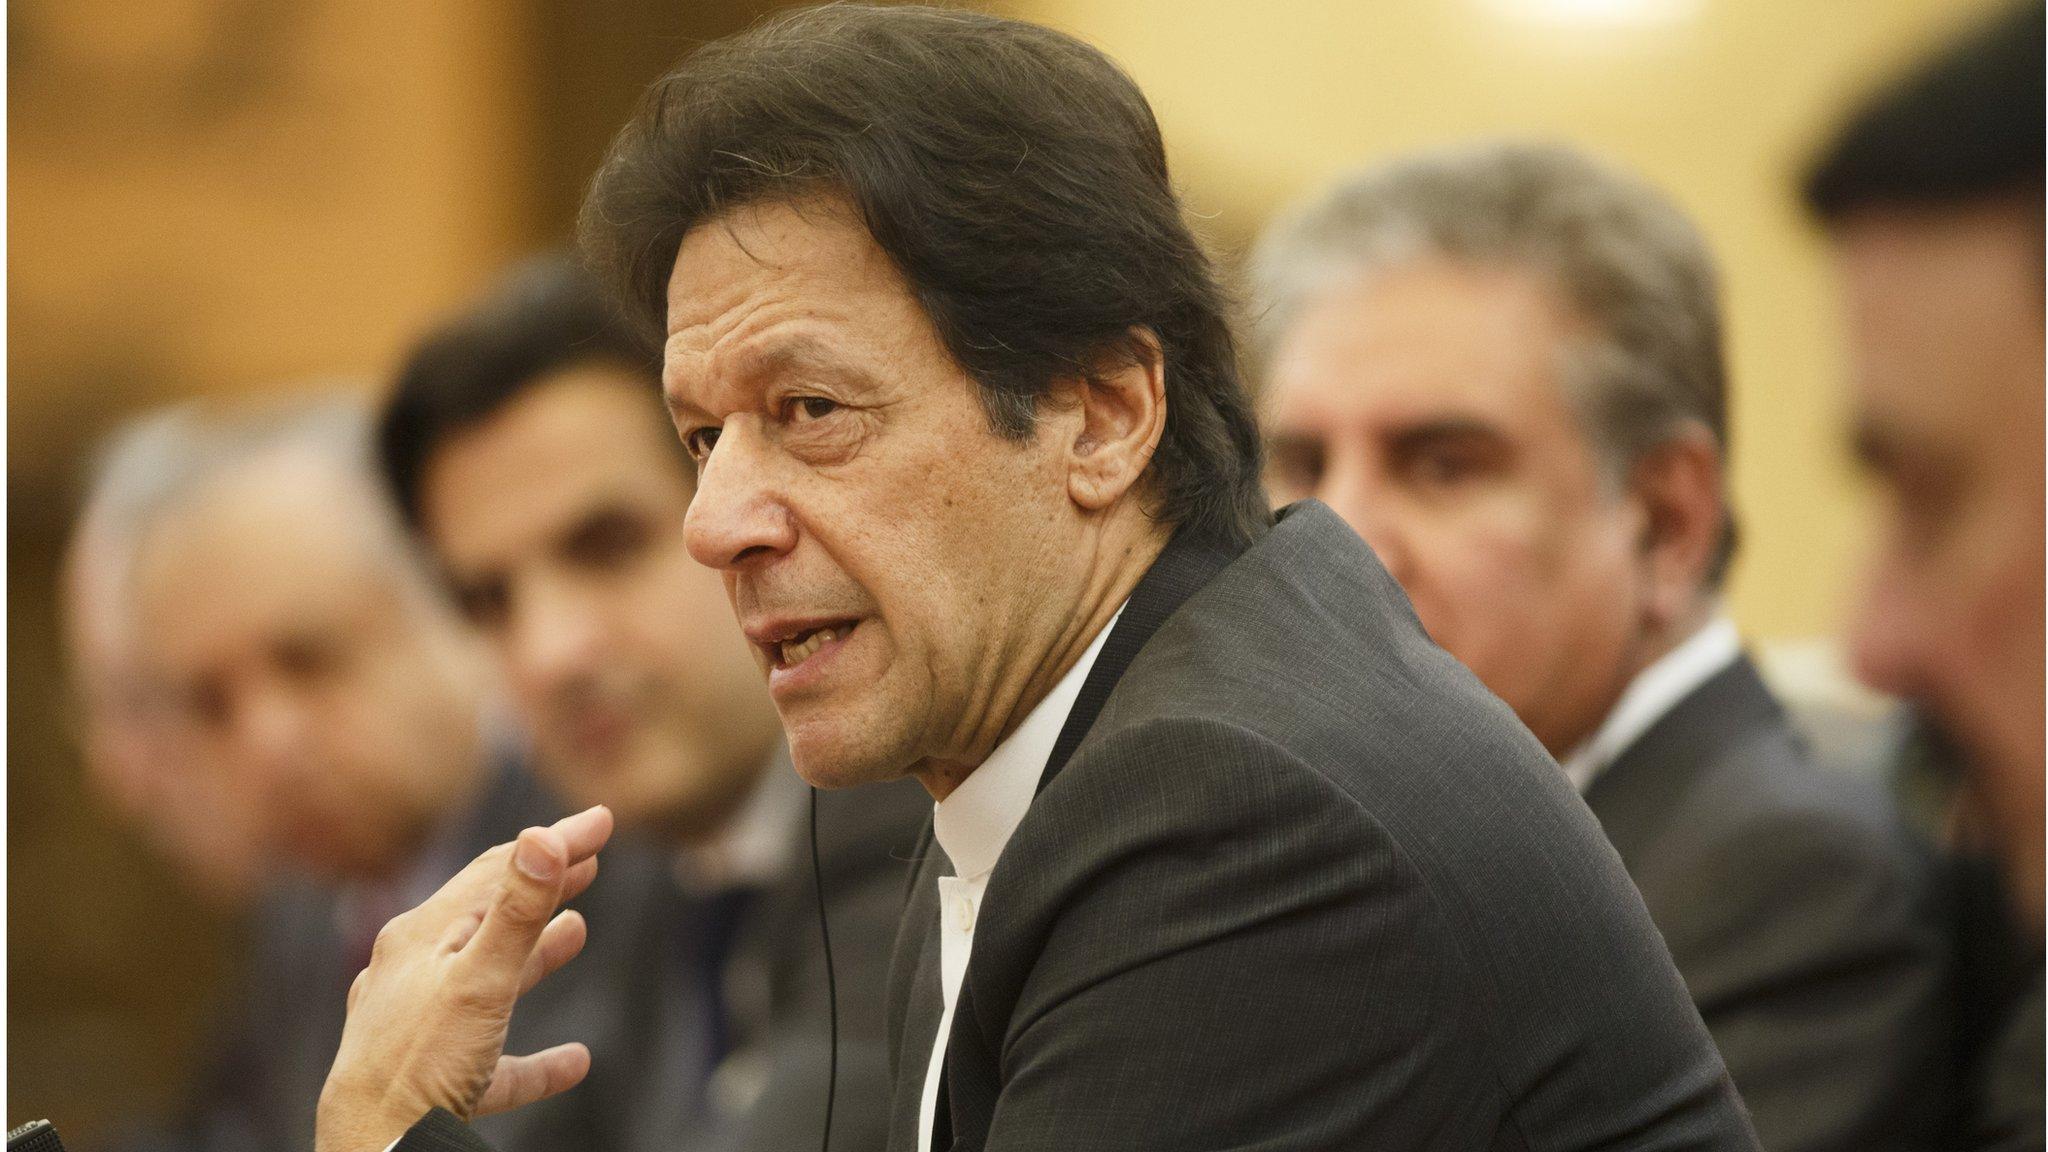 عمران خان افغان عوام کی آزمائش کے خاتمے کے لیے دعاگو